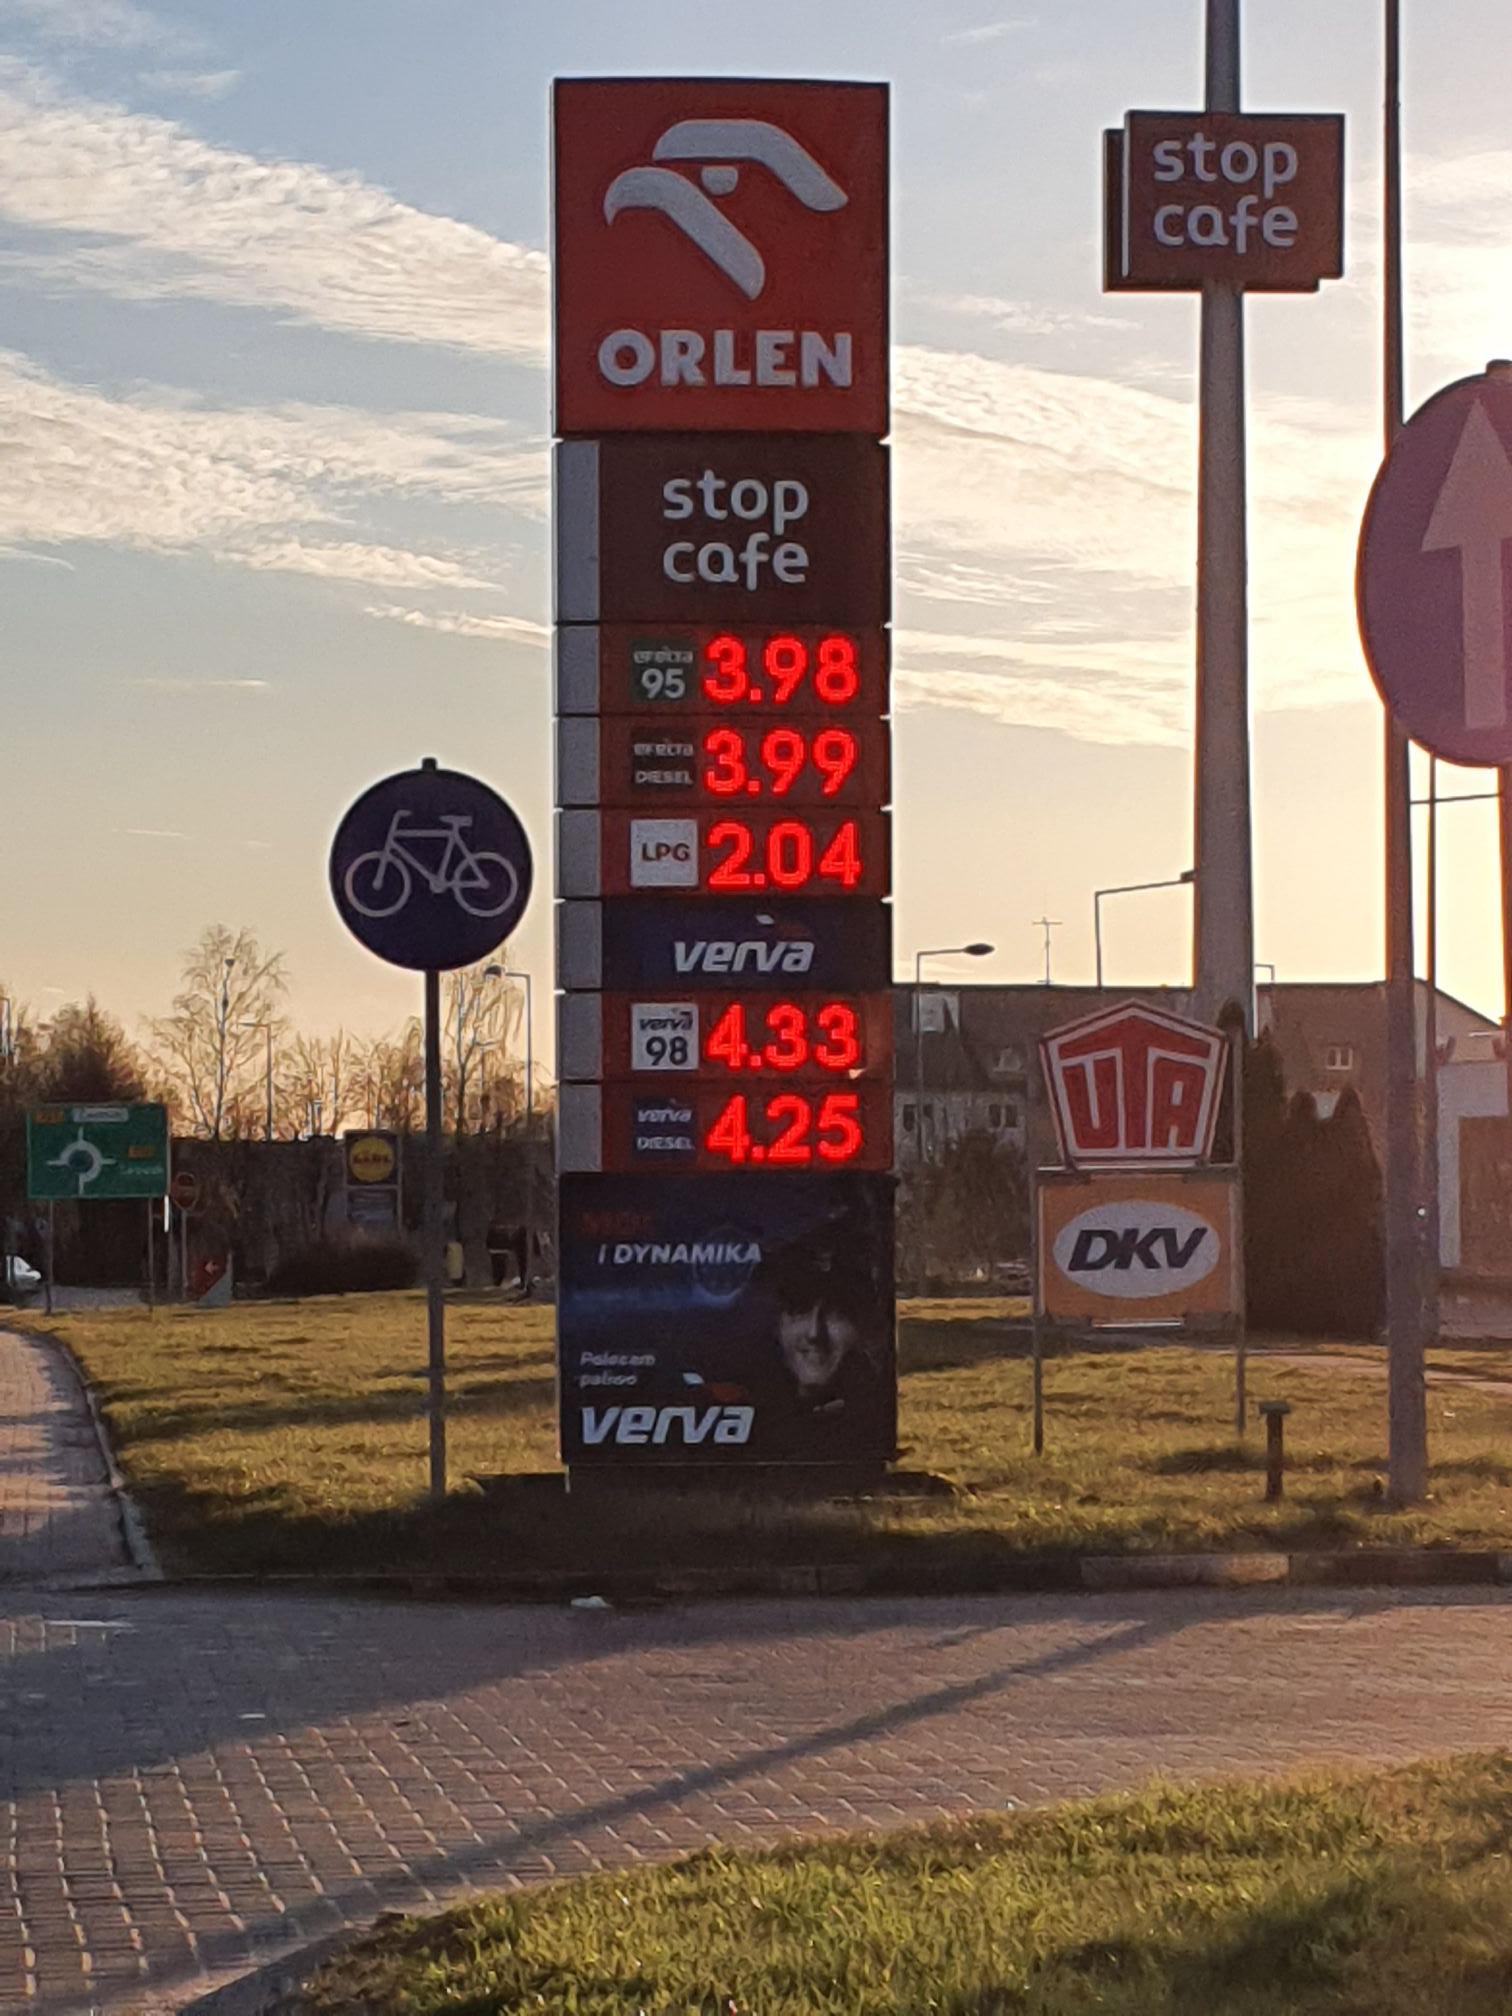 Orlen Bytów: efecta 95- 3,98 efecta diesel- 3,99 LPG- 2,04 verva 98-4,33 verva diesel- 4,25